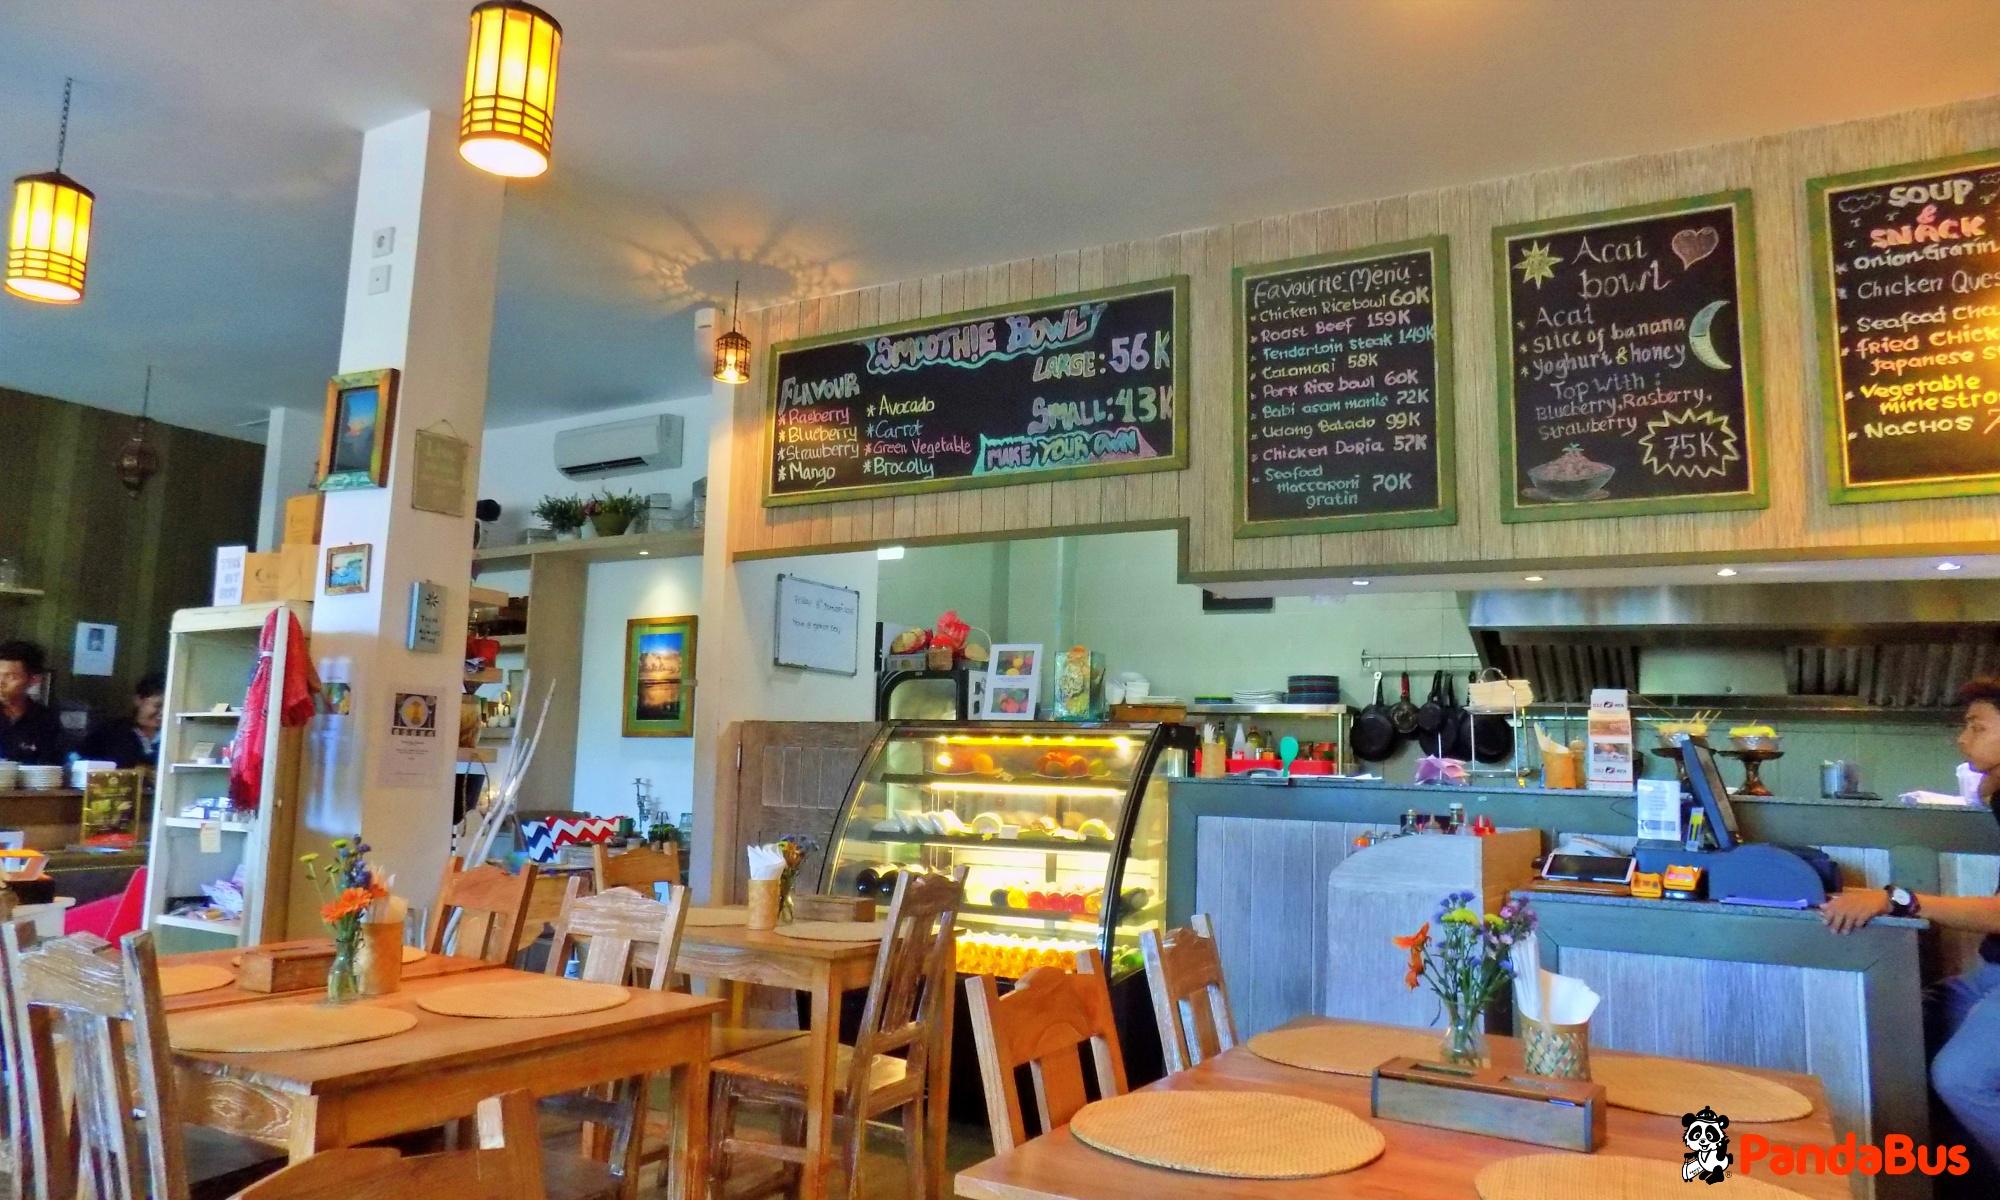 「カフェムーンライト」にてアフタヌーンティ 現地にてパンケーキとスムージーをそれぞれお選びください。